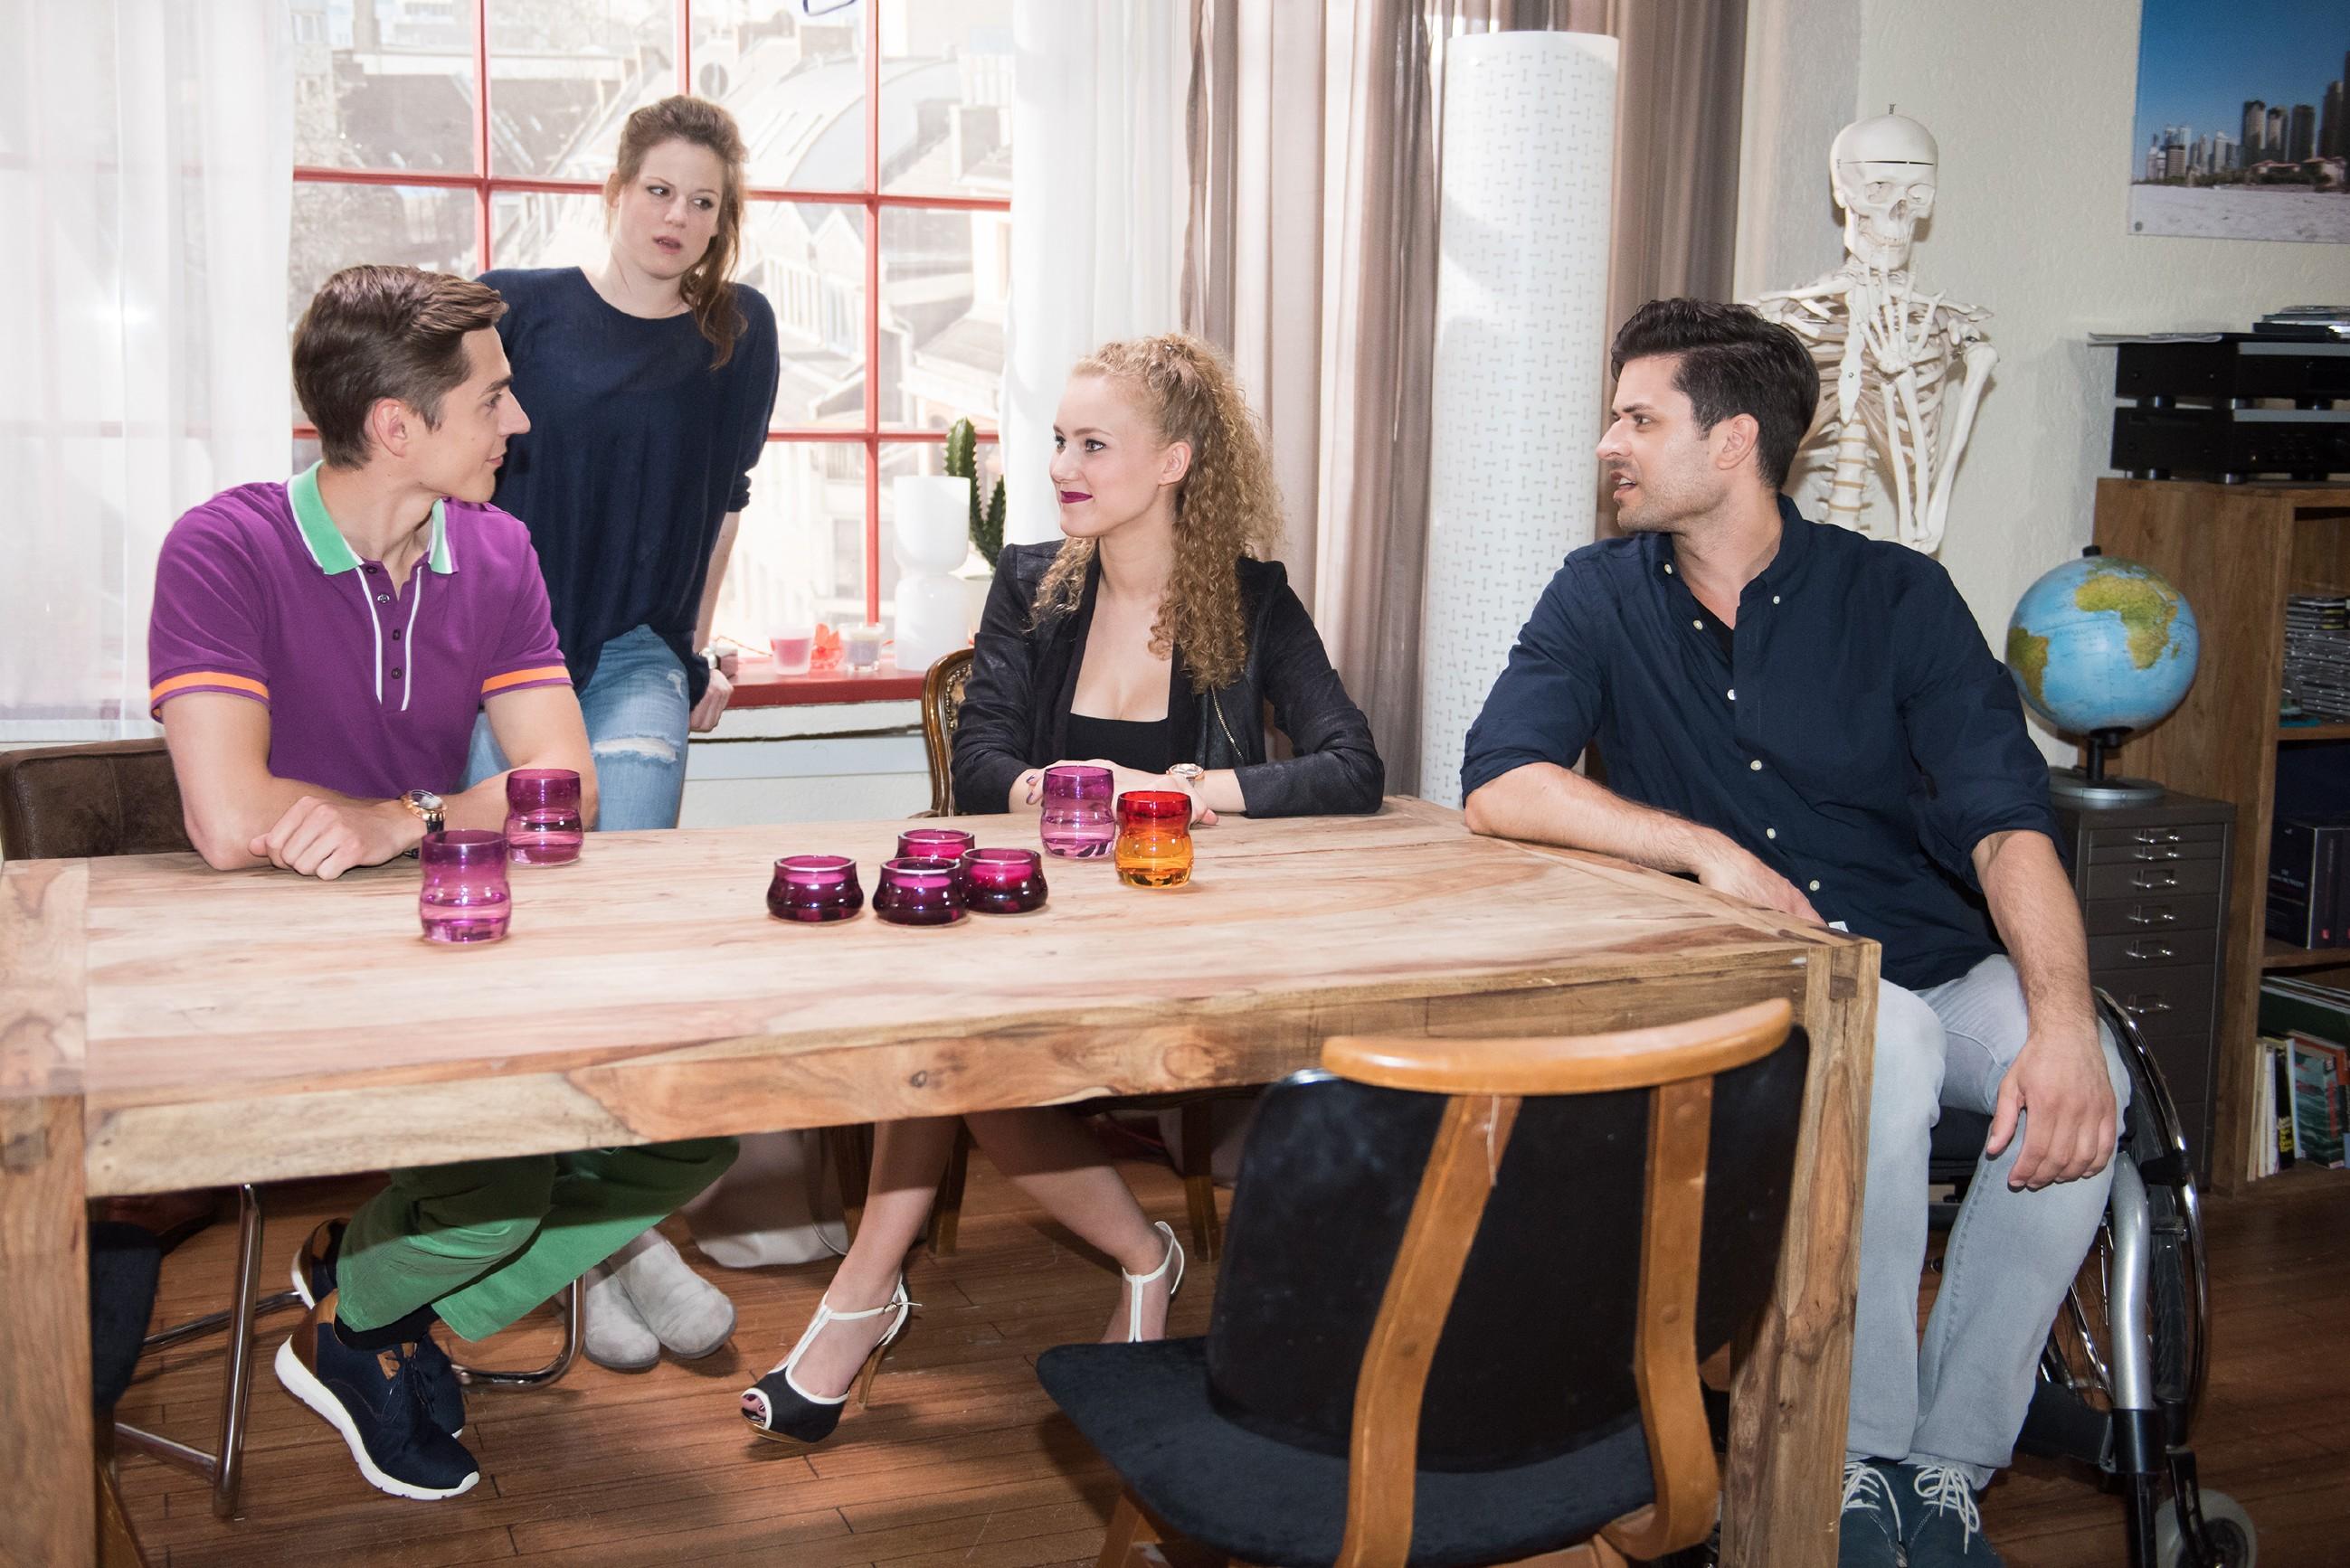 Elli (Nora Koppen, 2.v.l.) stellt irritiert fest, dass KayC (Pauline Angert), die sich angeregt mit Ringo (Timothy Boldt, l.) und Paco (Milos Vukovic) unterhält, auch ihre Lebensweise komplett verändert hat. (Quelle: RTL / Stefan Behrens)